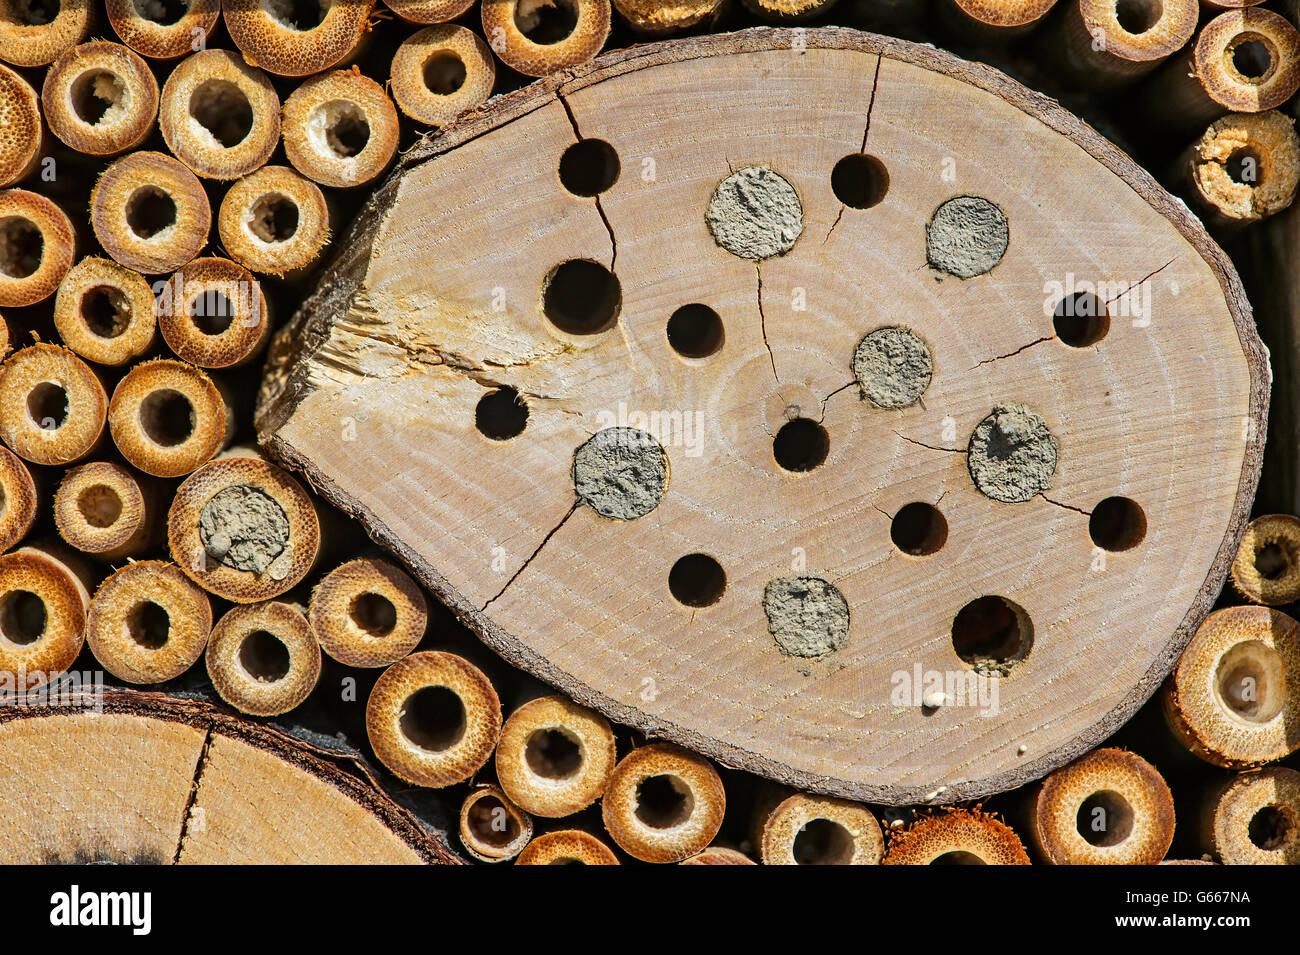 Bee hotel, artificiale aiuto di nidificazione per mason api, allevamento gallerie parzialmente sigillate con argilla Immagini Stock